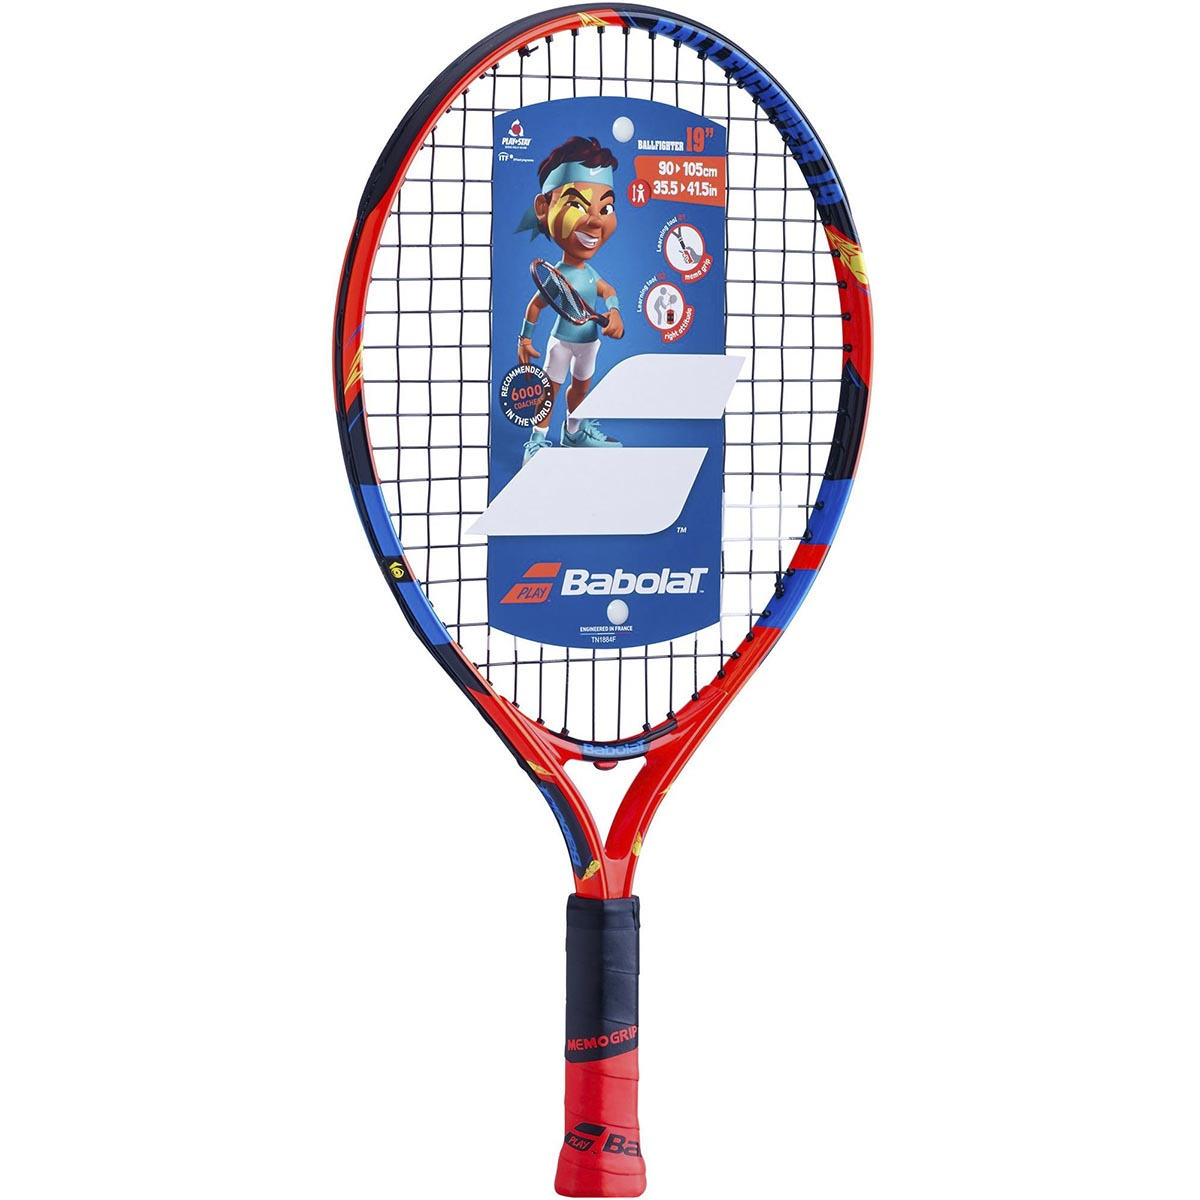 Ракетка для большого тенниса BALLFIGHTER 19